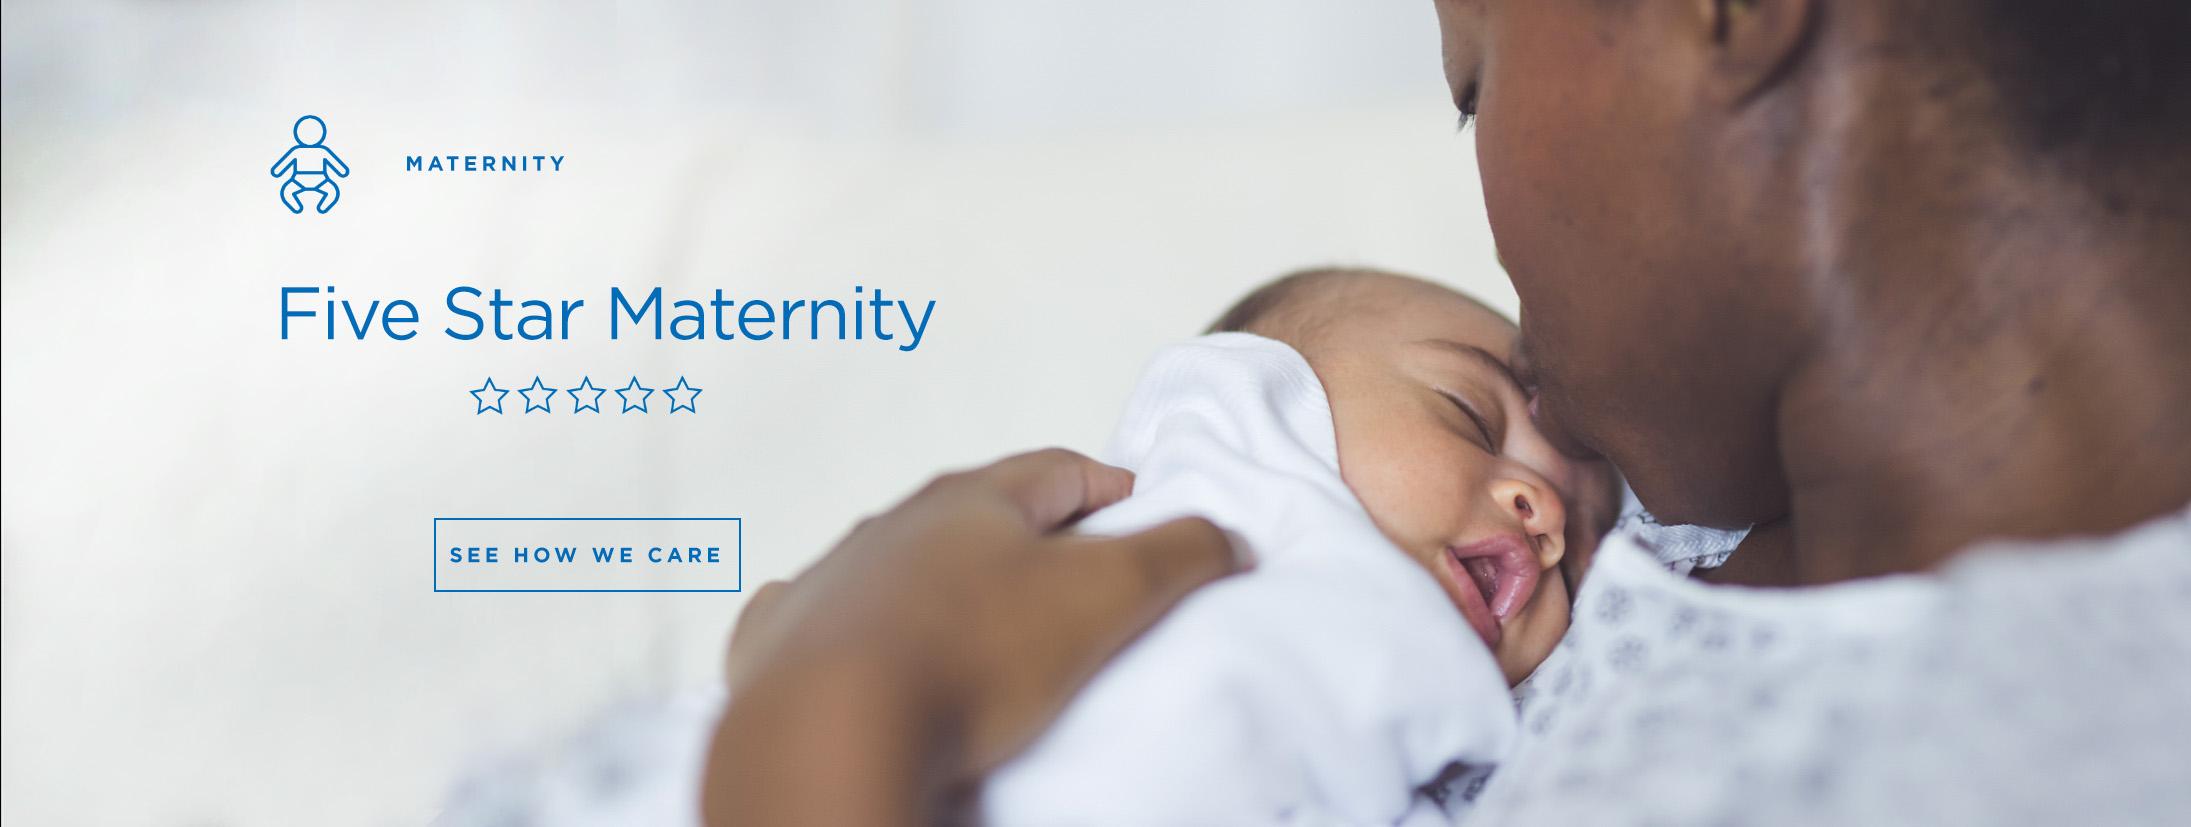 3-SJR-Maternity-Slider